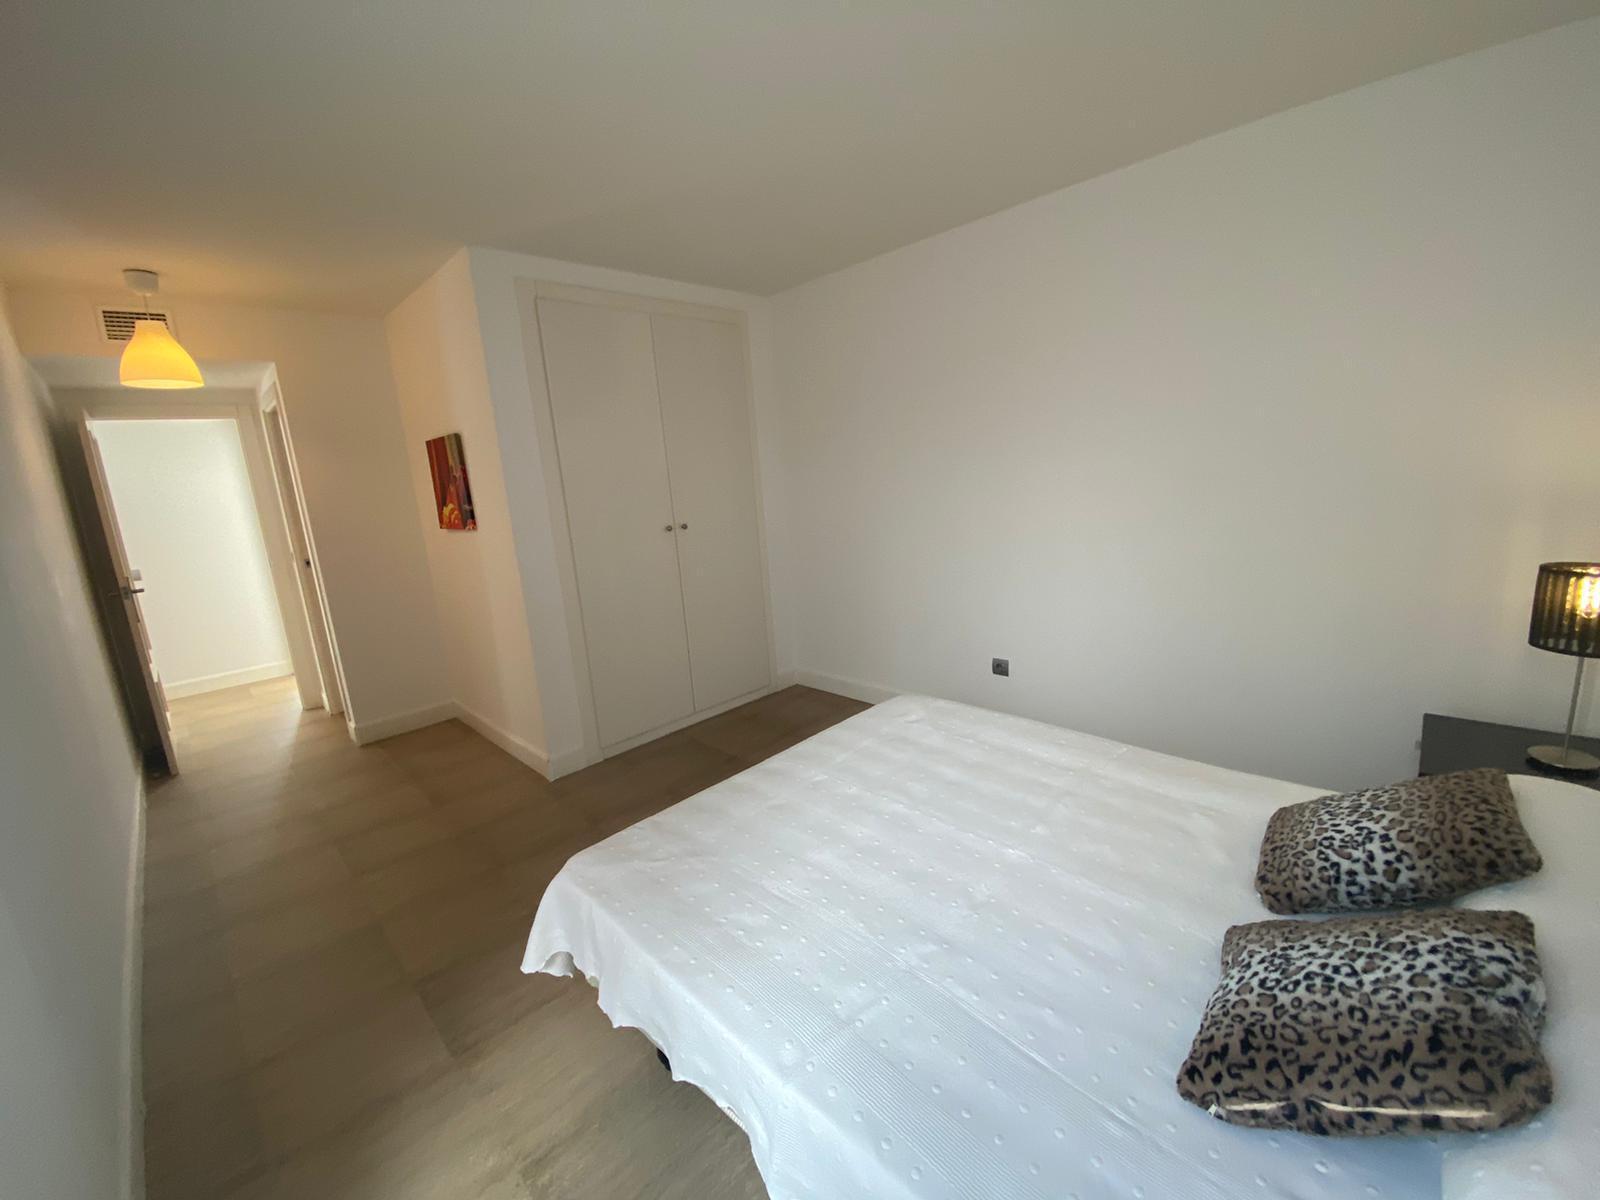 Imagen 11 del Apartamento Turístico, Ático 6 Central (3d+2b), Punta del Moral (HUELVA), Paseo de la Cruz nº22